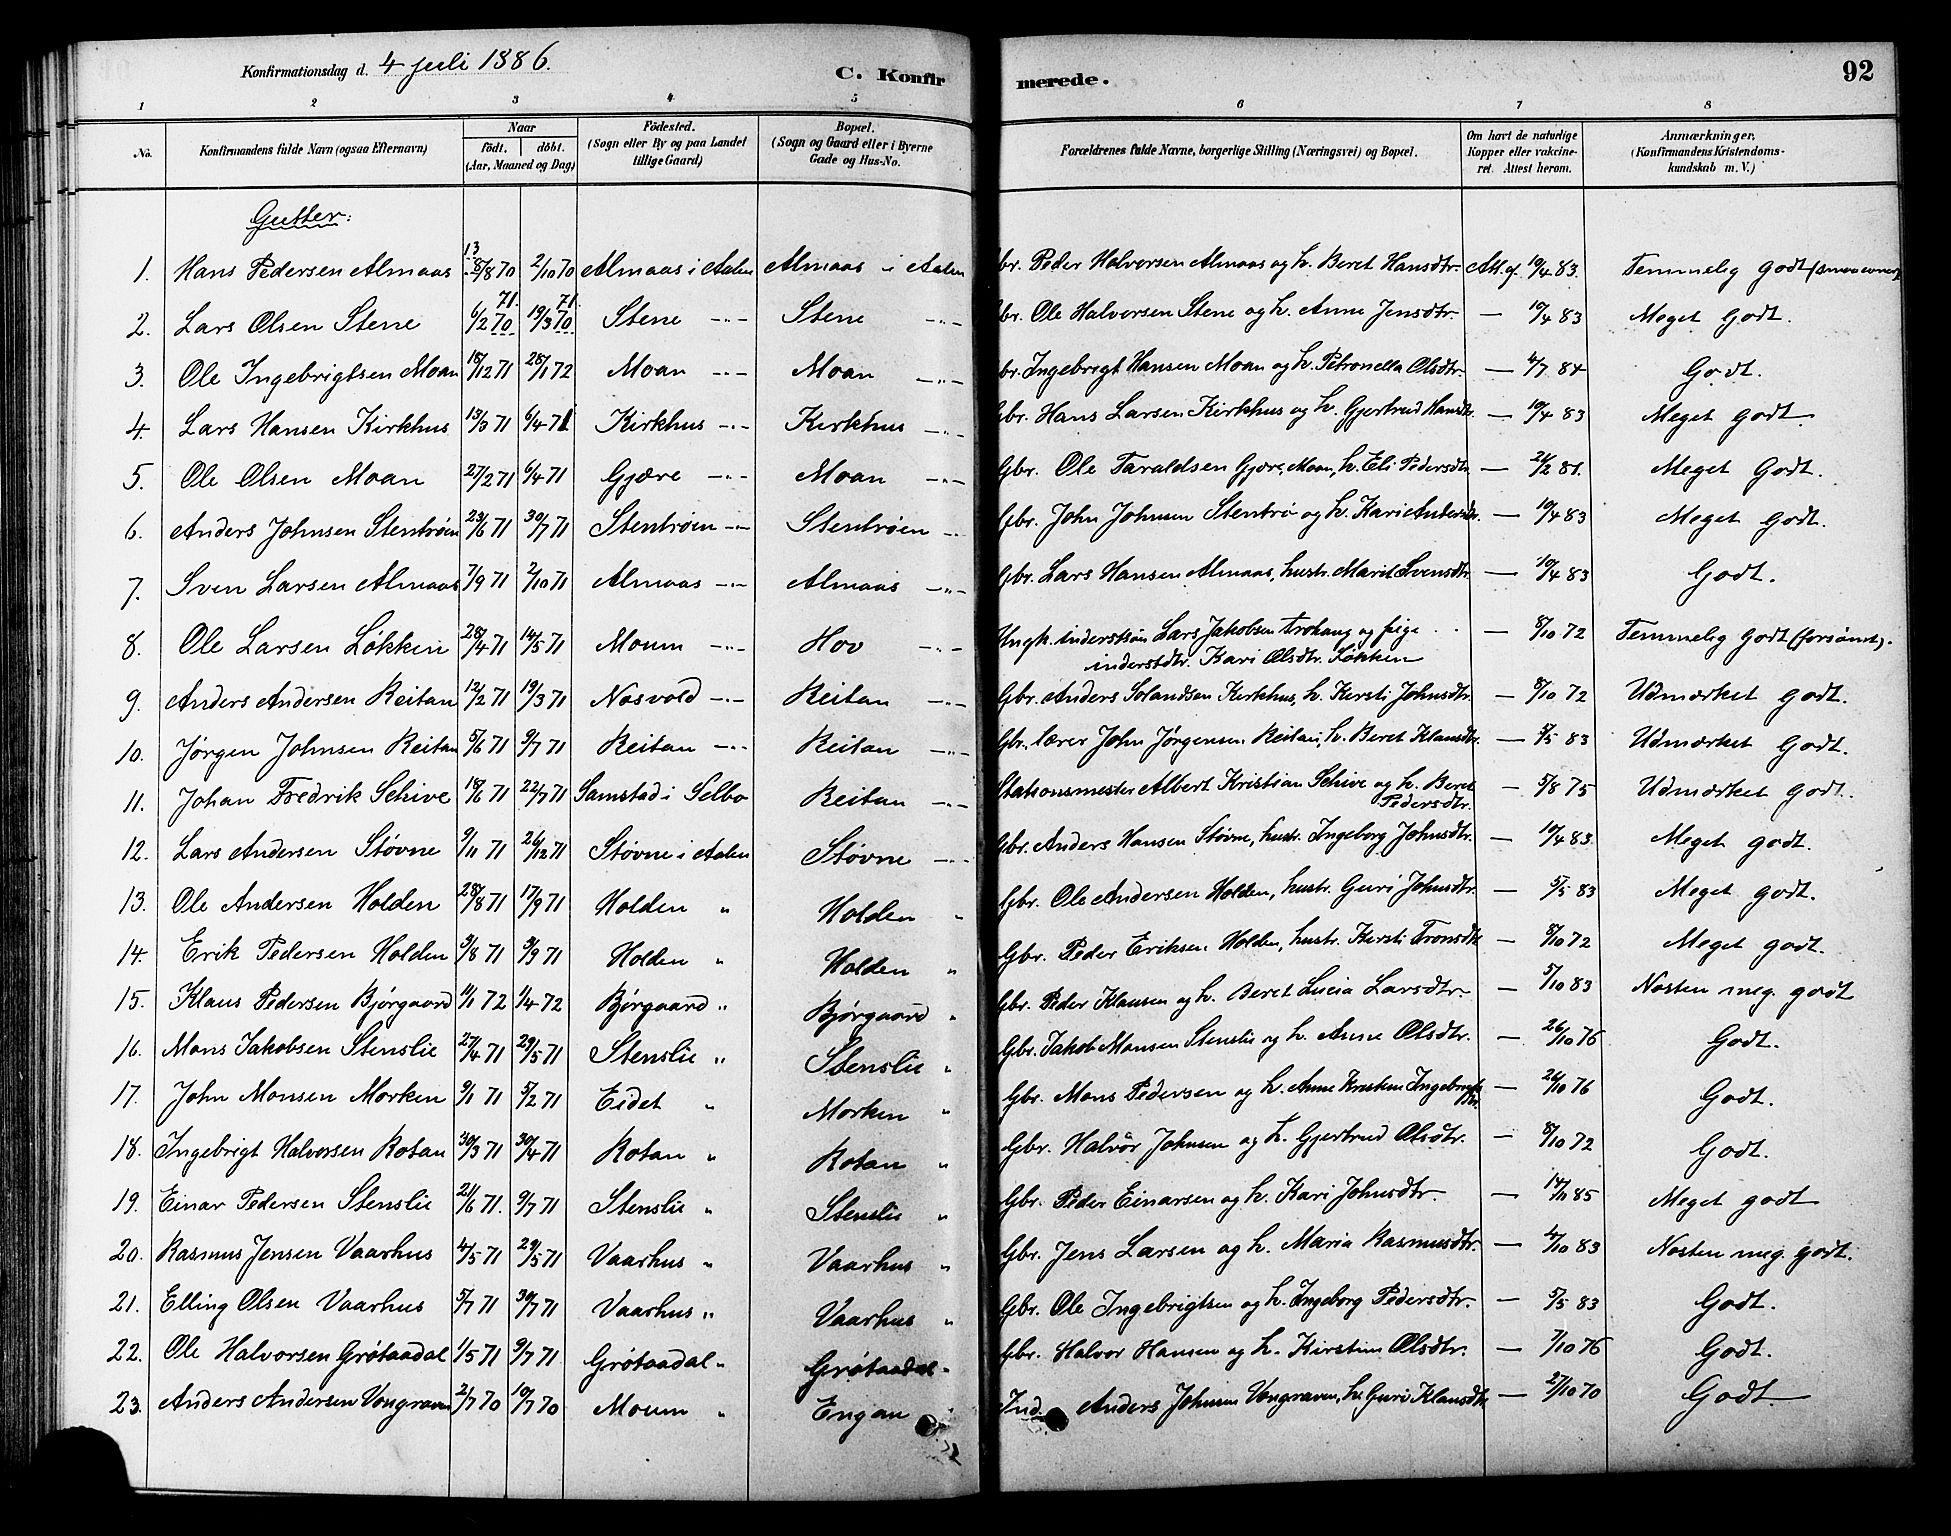 SAT, Ministerialprotokoller, klokkerbøker og fødselsregistre - Sør-Trøndelag, 686/L0983: Ministerialbok nr. 686A01, 1879-1890, s. 92